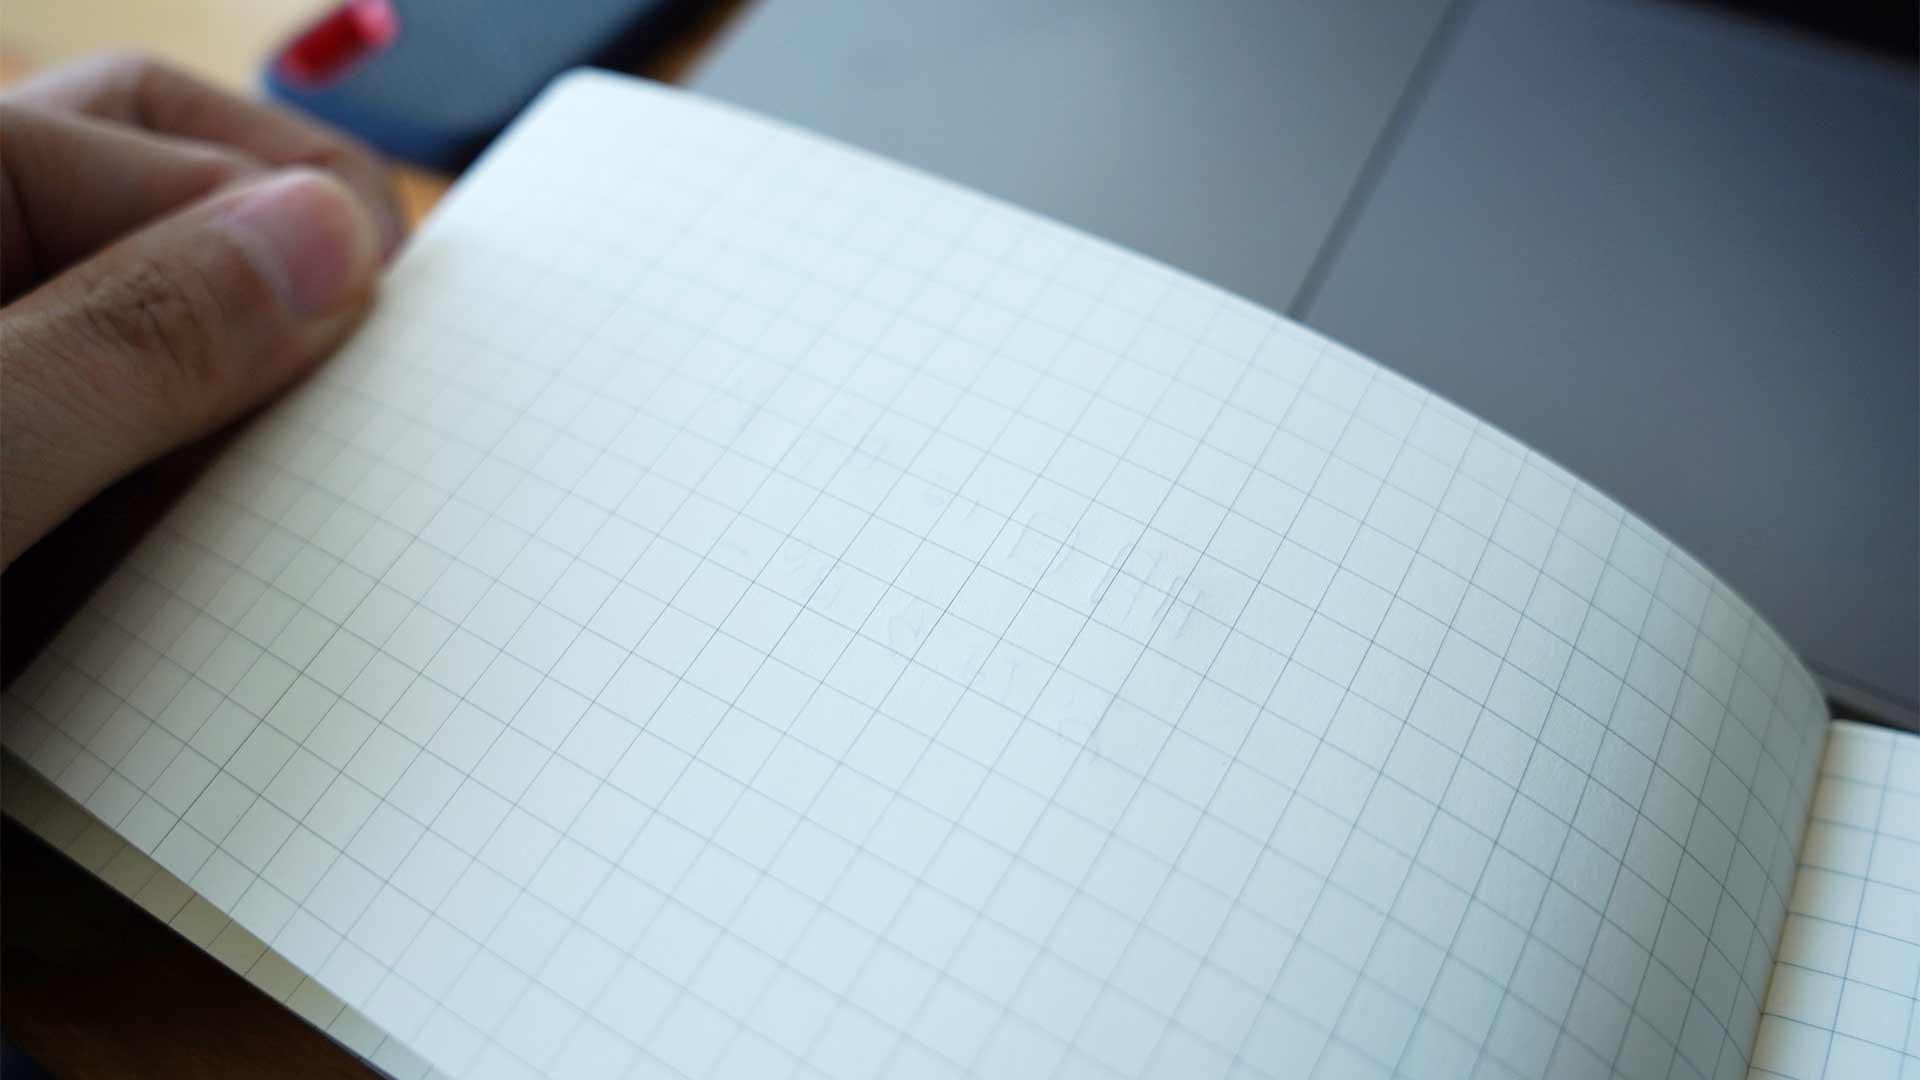 ノート,テレワーク,会議,grid,グリッド,PC用ノート,横型,裏写り